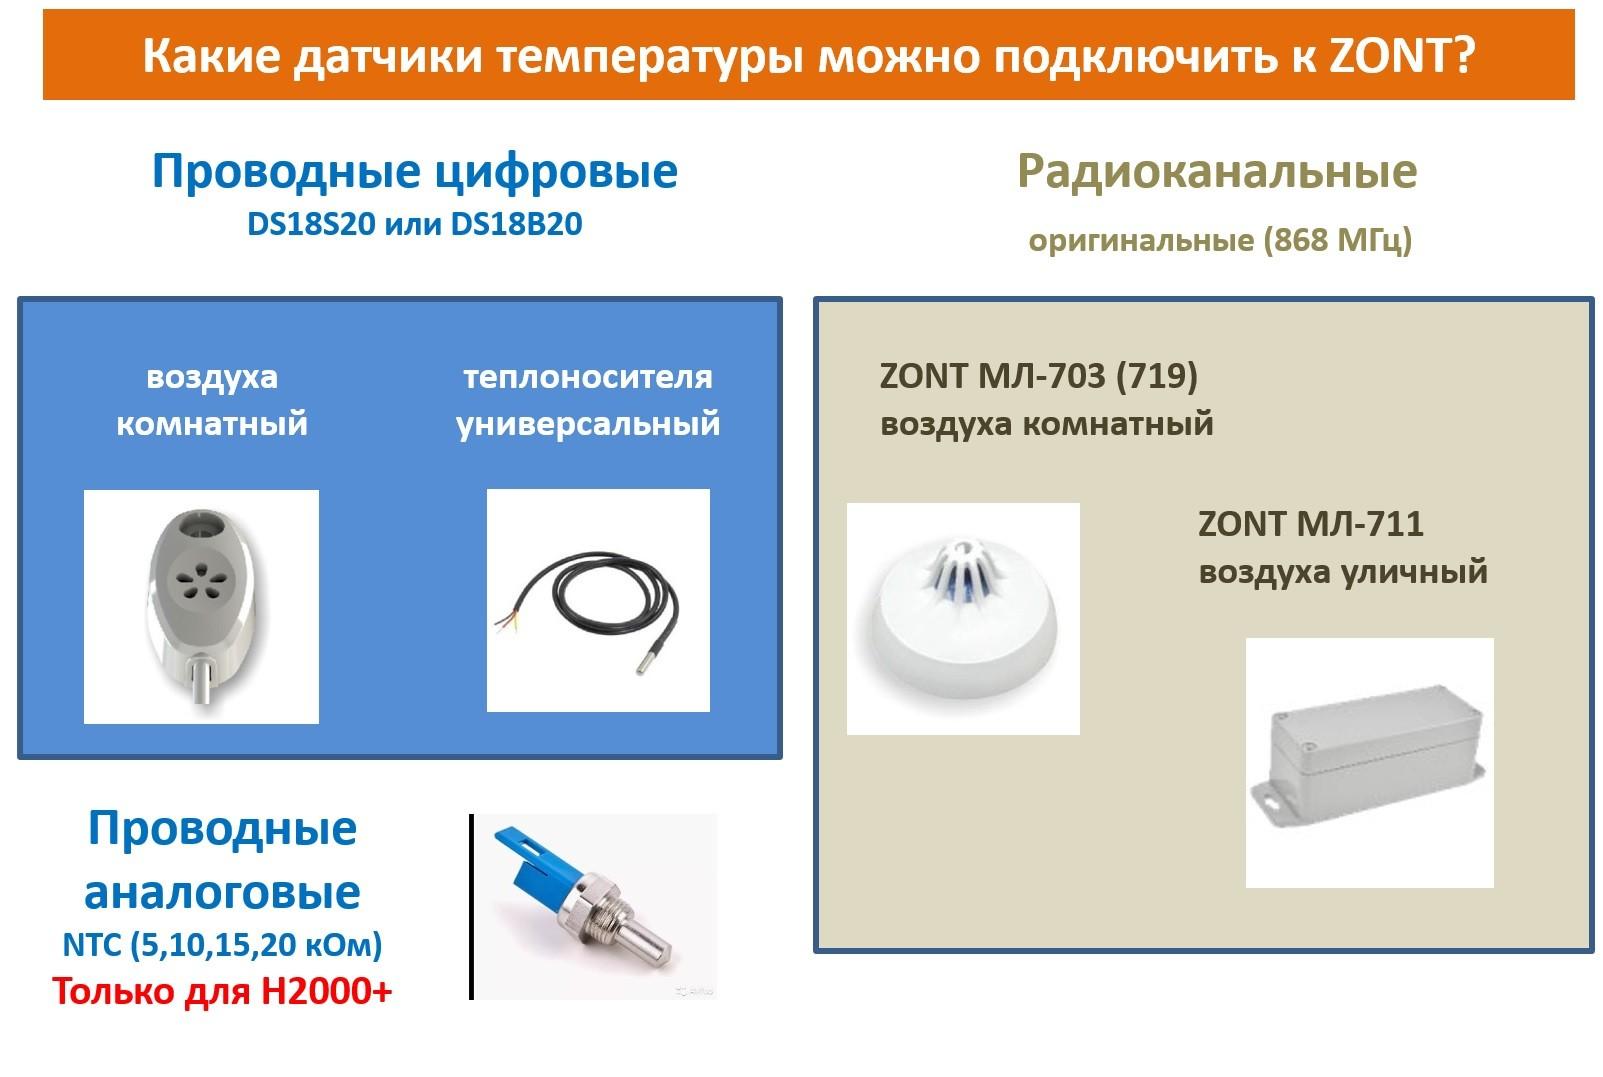 Какие датчики температуры можно подключить к ZONT